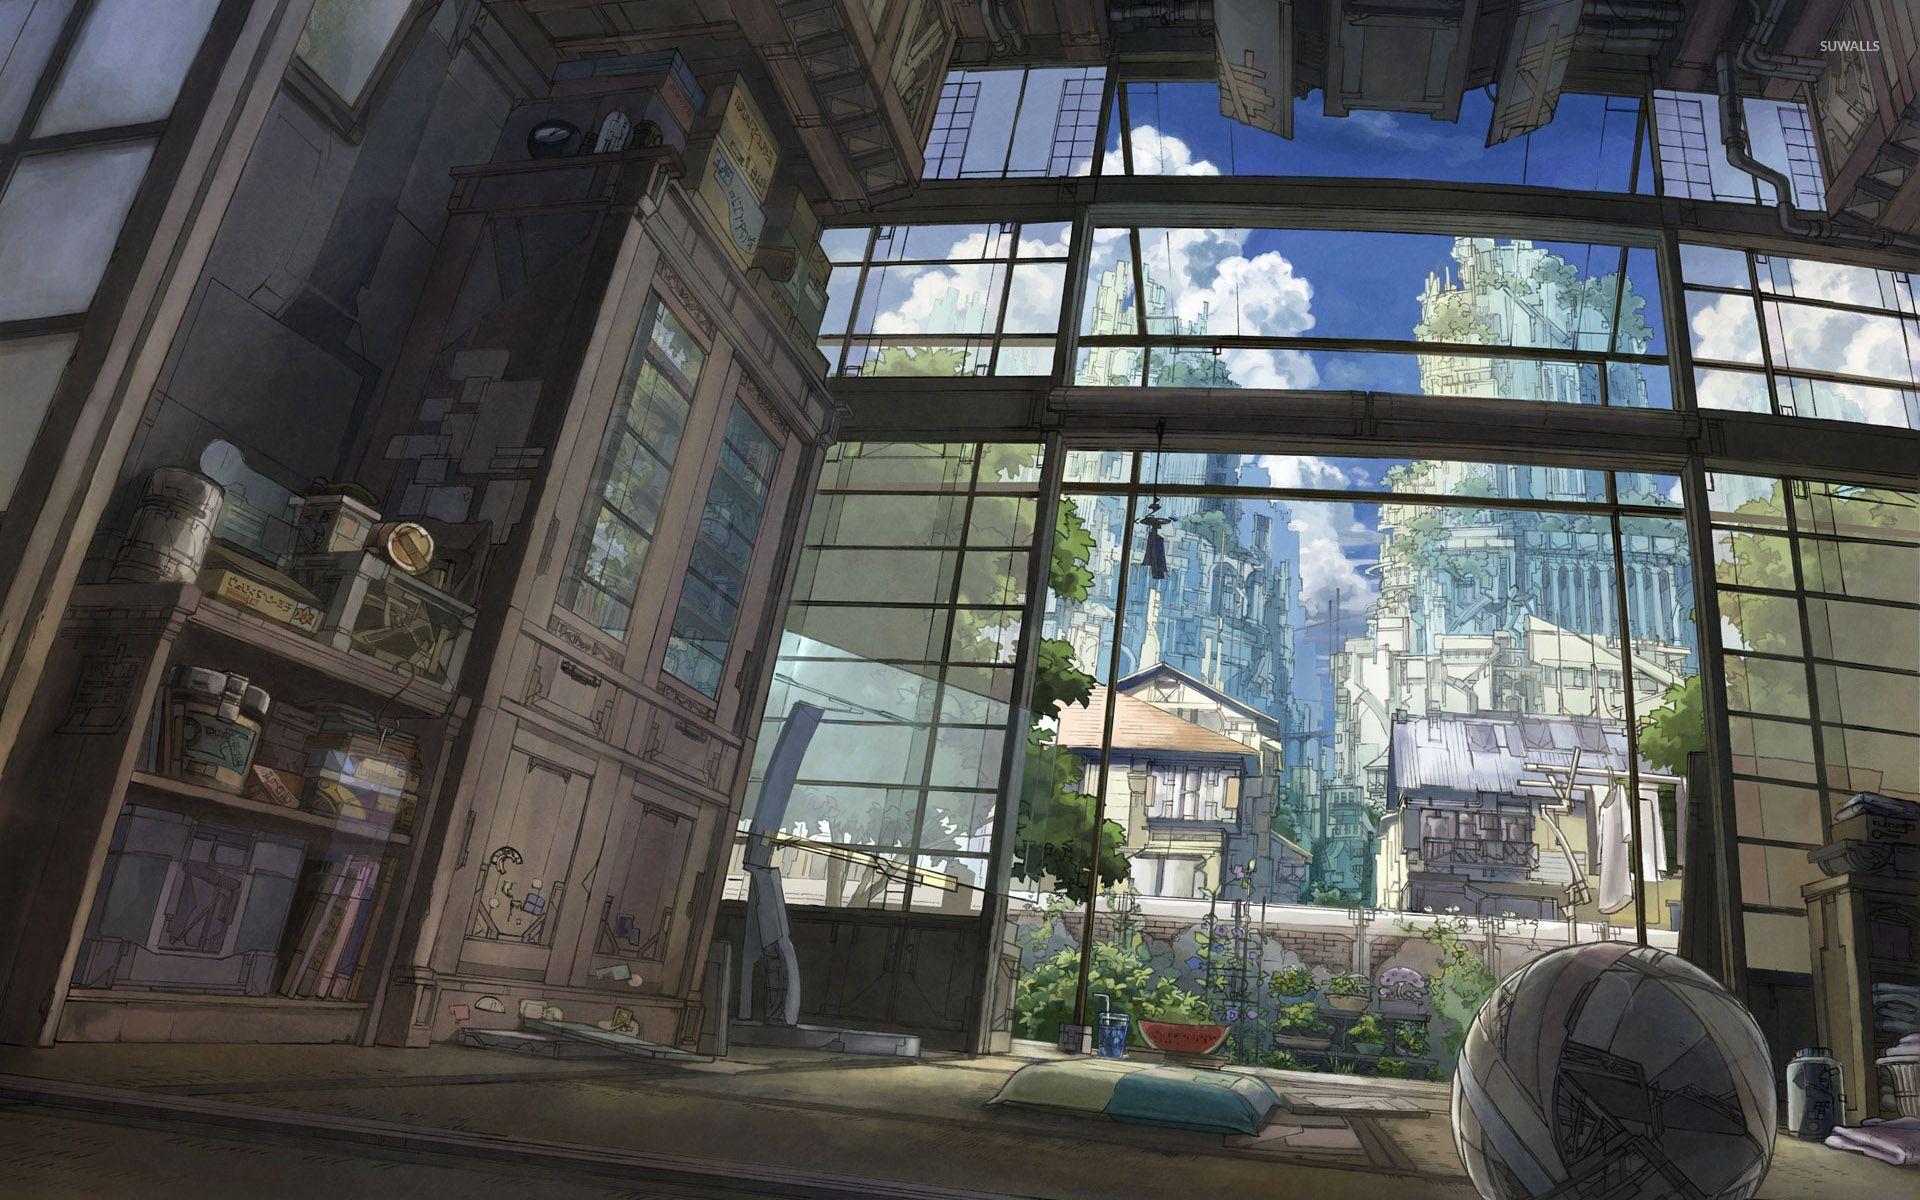 Trends For Anime Living Room Wallpaper in 2020 Anime